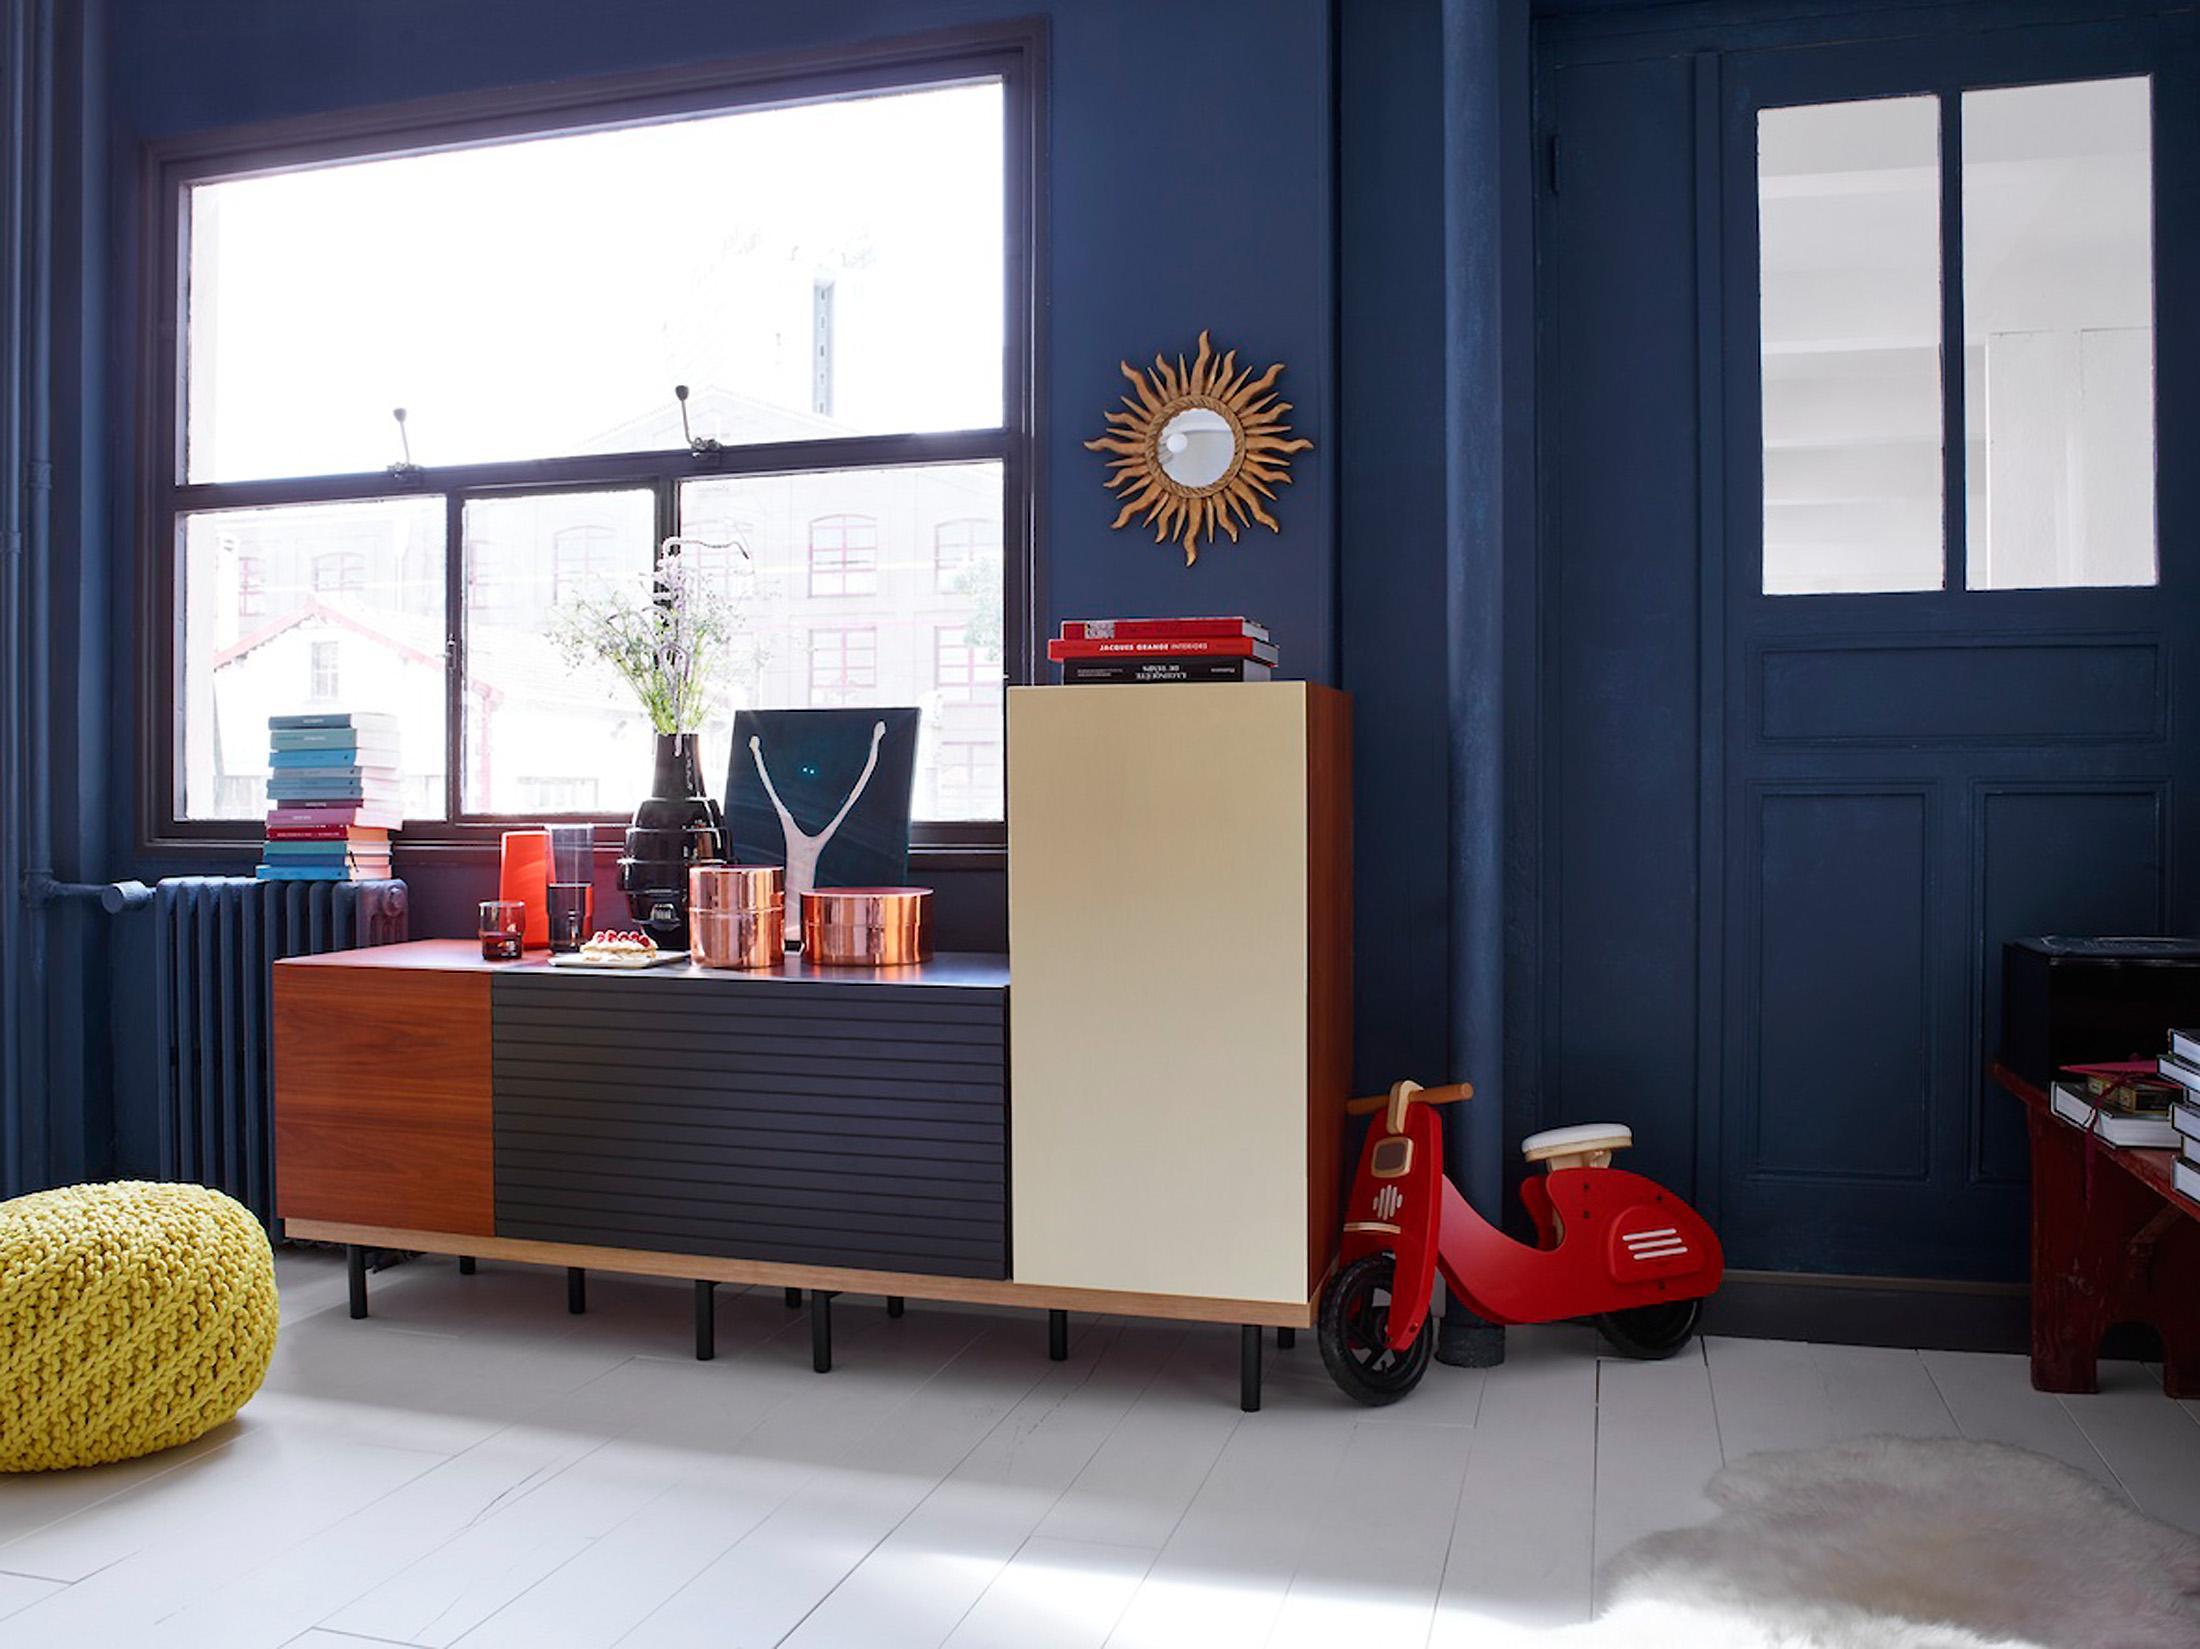 Blaue Wandgestaltung Im Wohnzimmer #wohnzimmer #wandgestaltung #sideboard  #blauewandfarbe #zimmergestaltung ©Habitat